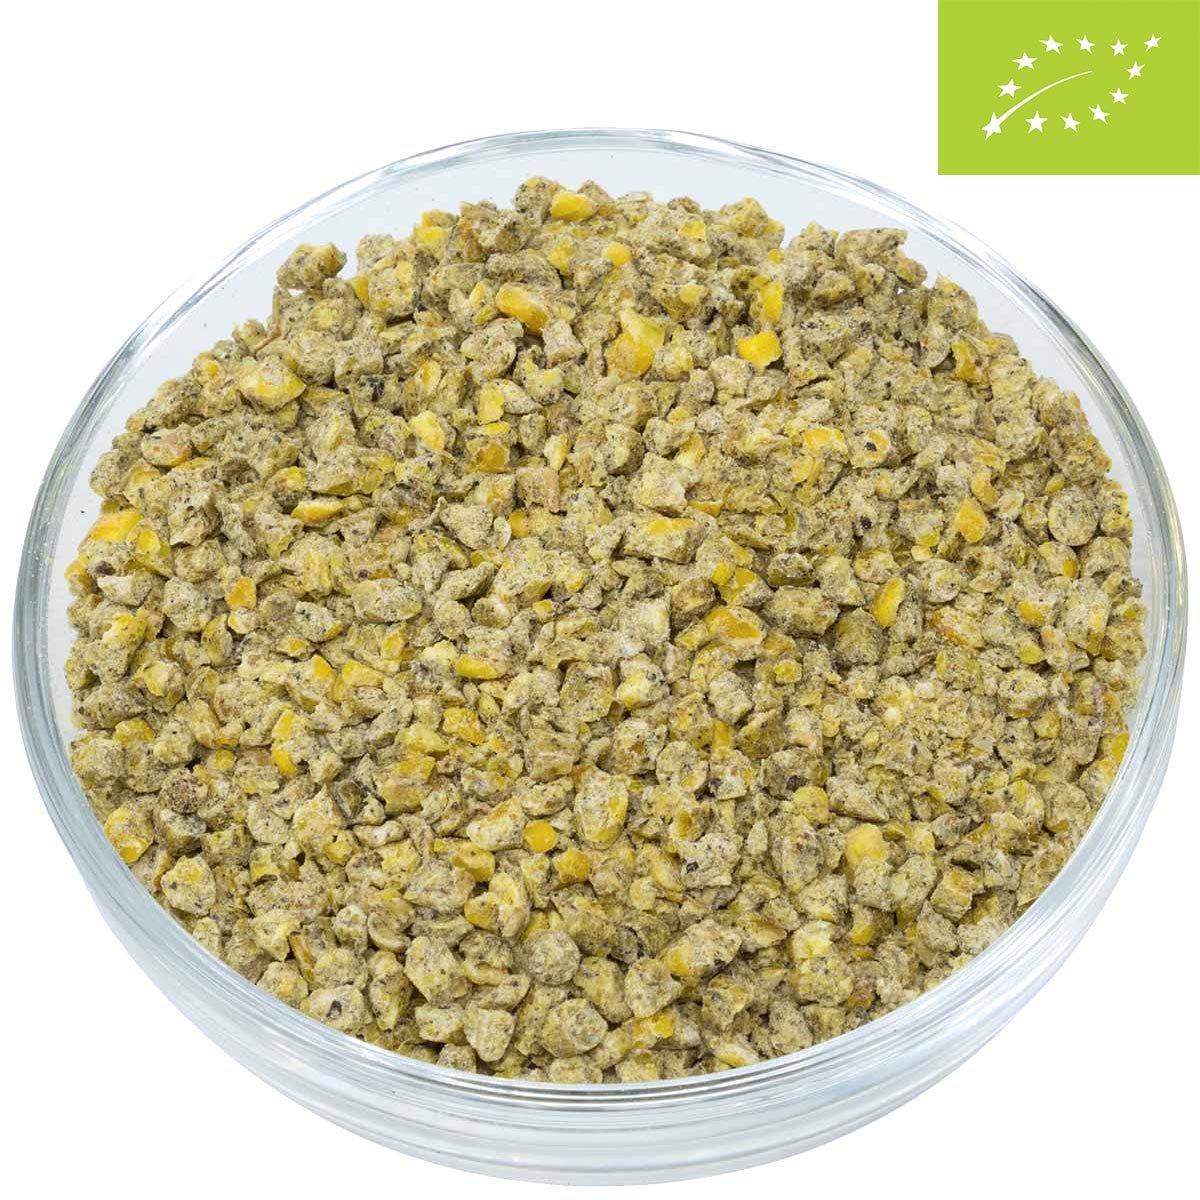 Leimüller Göweil Bio Geflügelfutter Junghennenfutter granuliert 30 kg